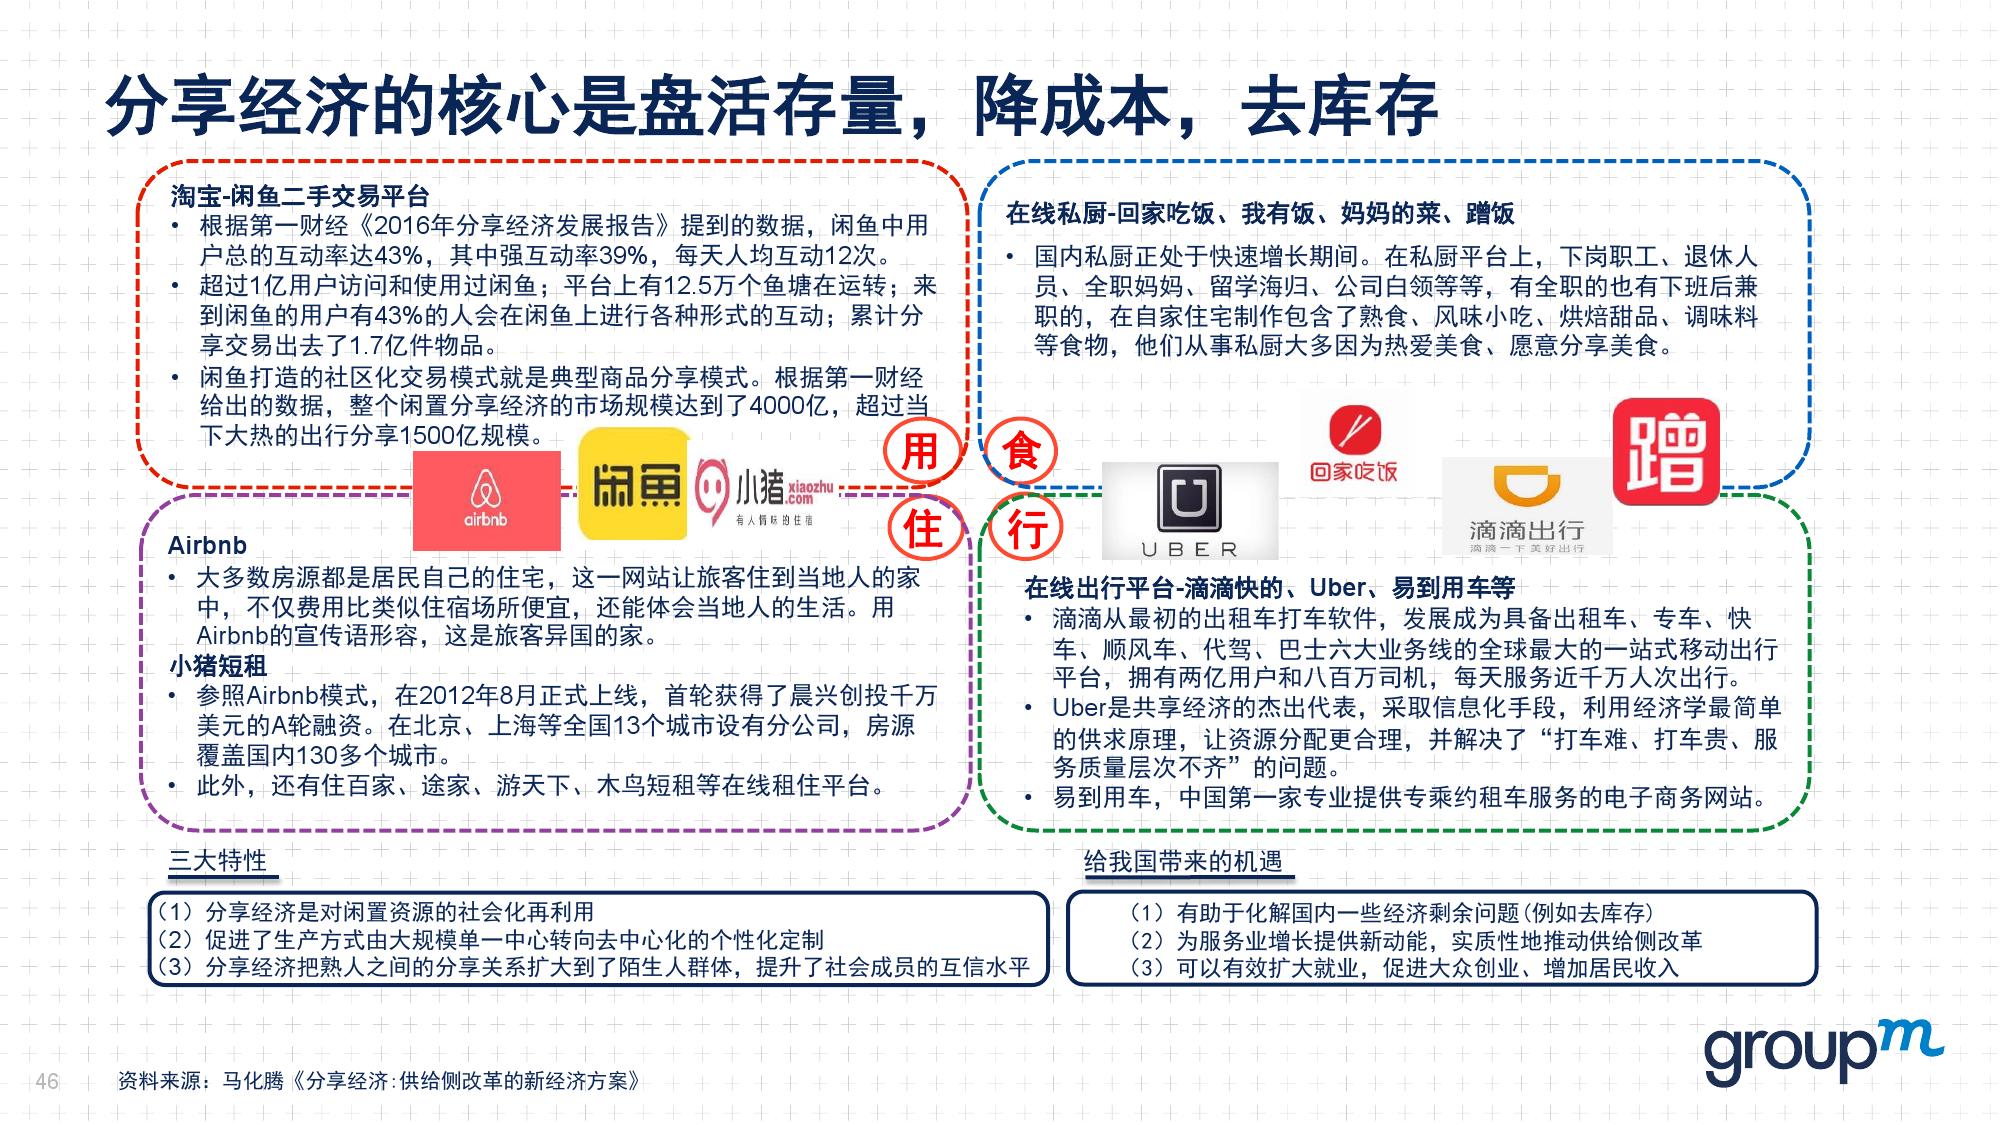 赢在中国2016:从需求刺激转向供给侧改革_000046